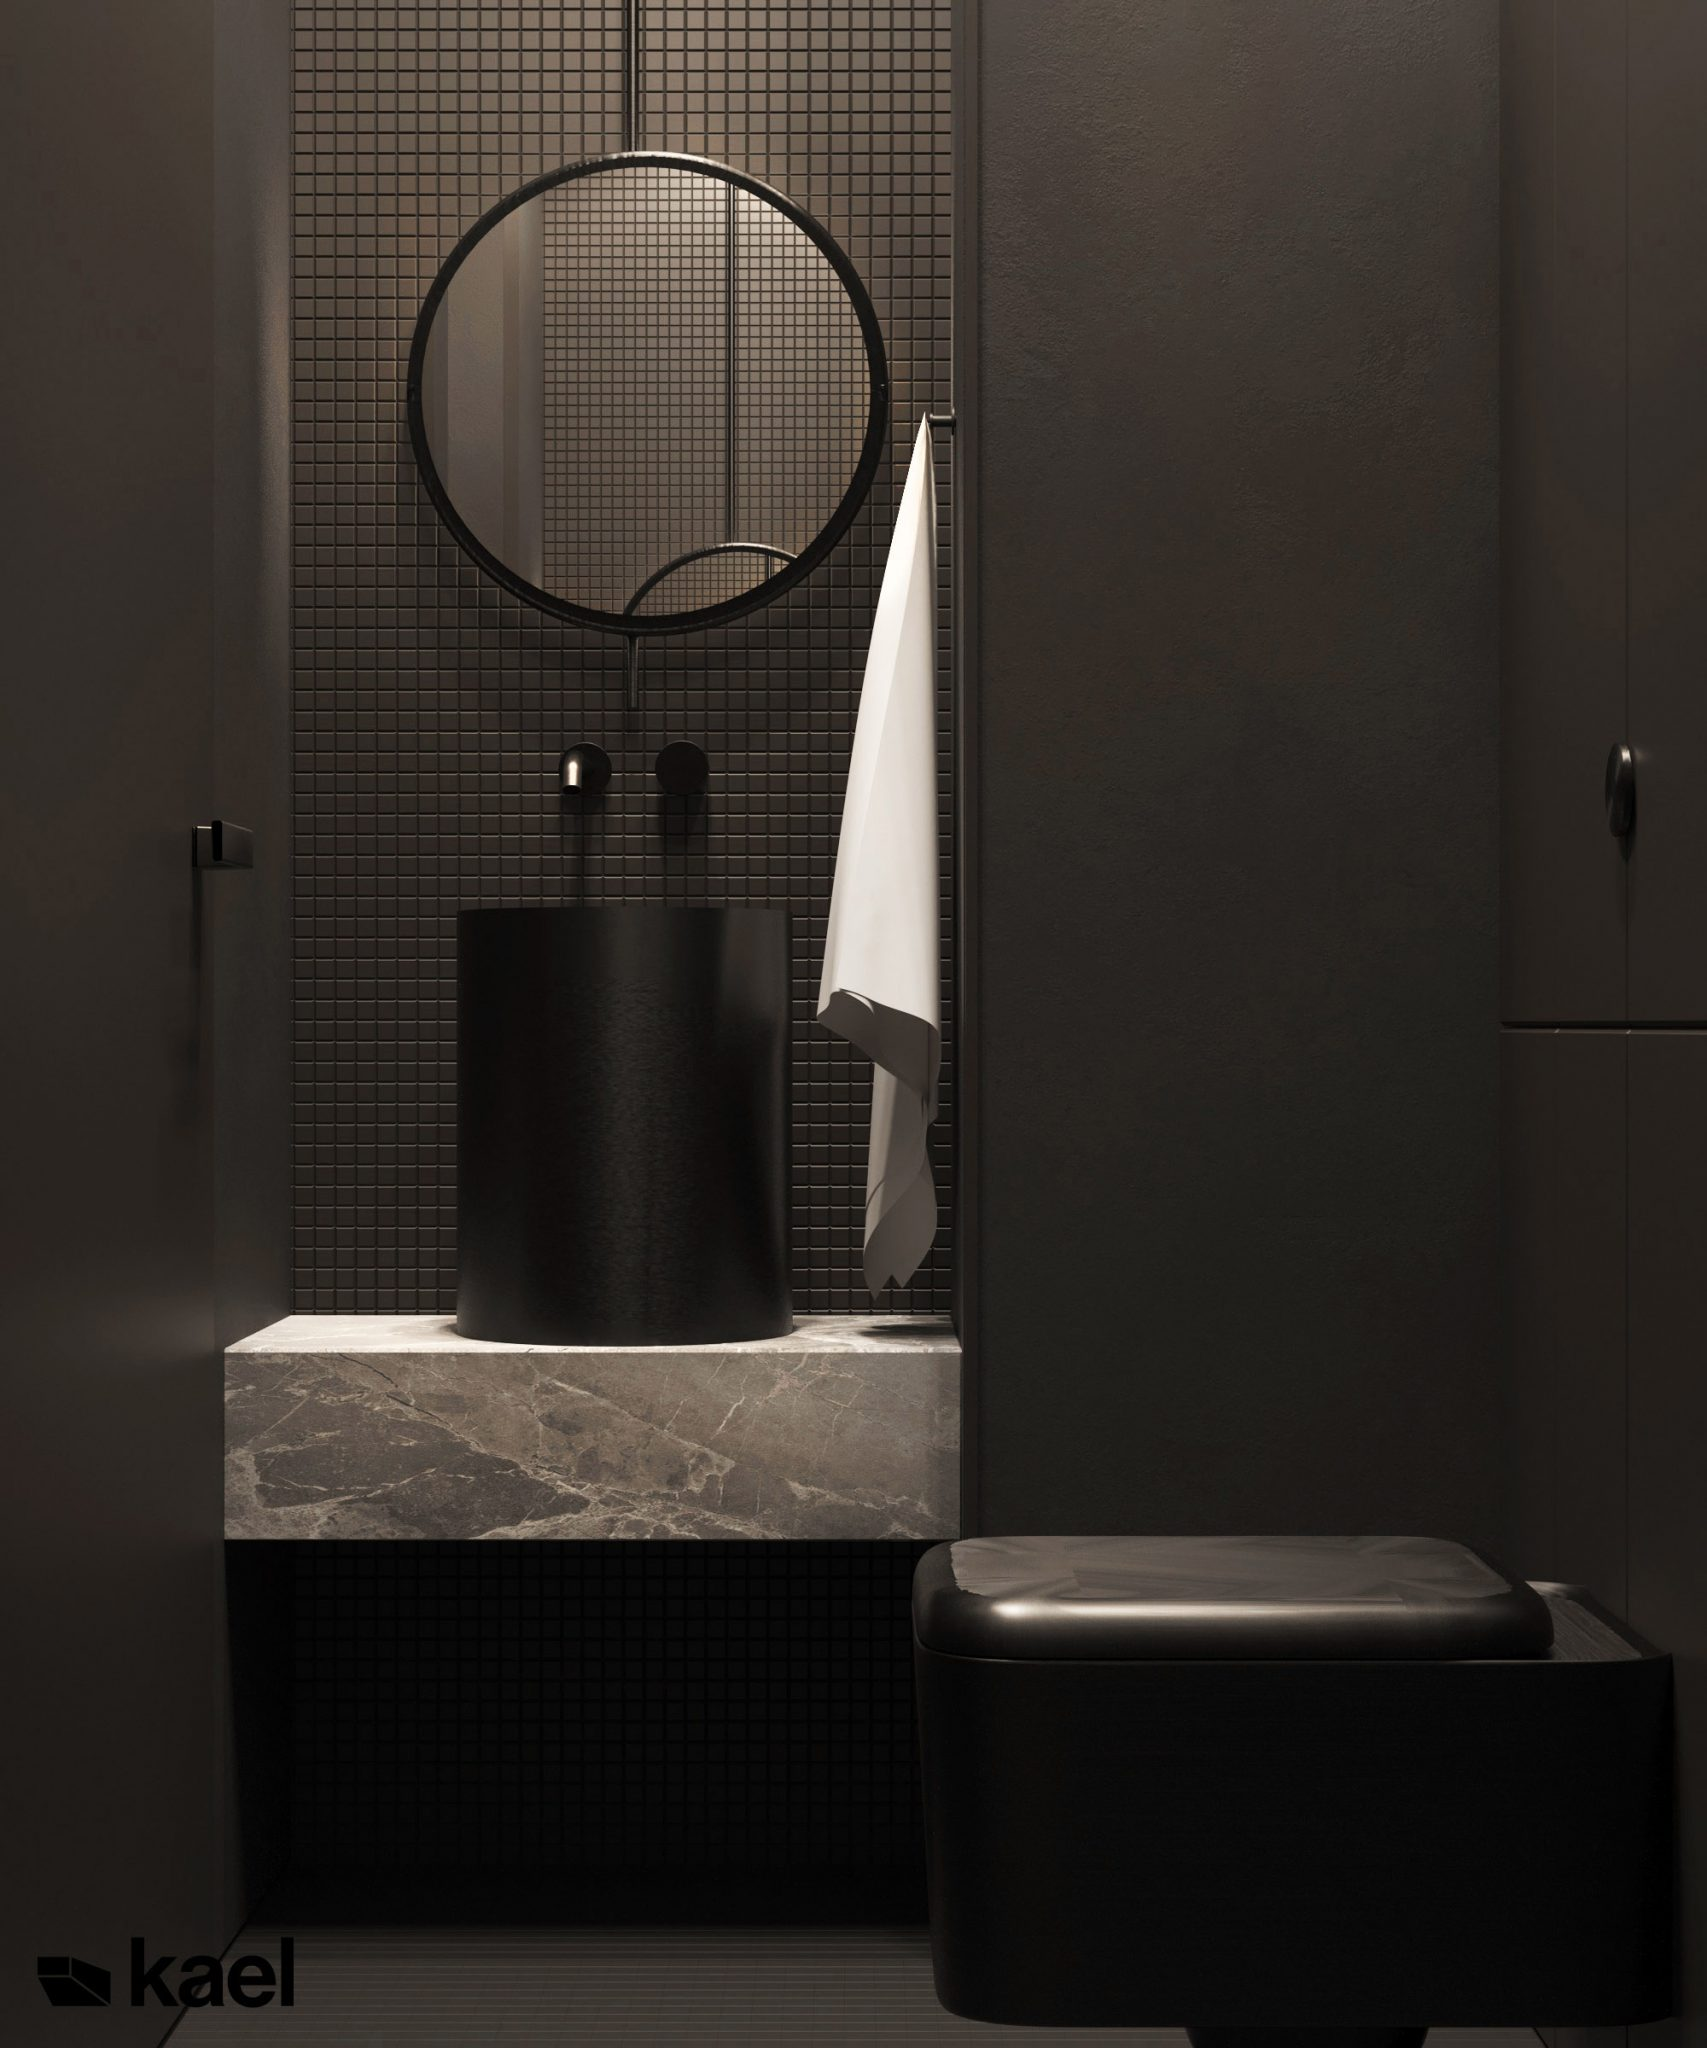 Łazienka z toaletą - projekt wnętrza Kael Palestera